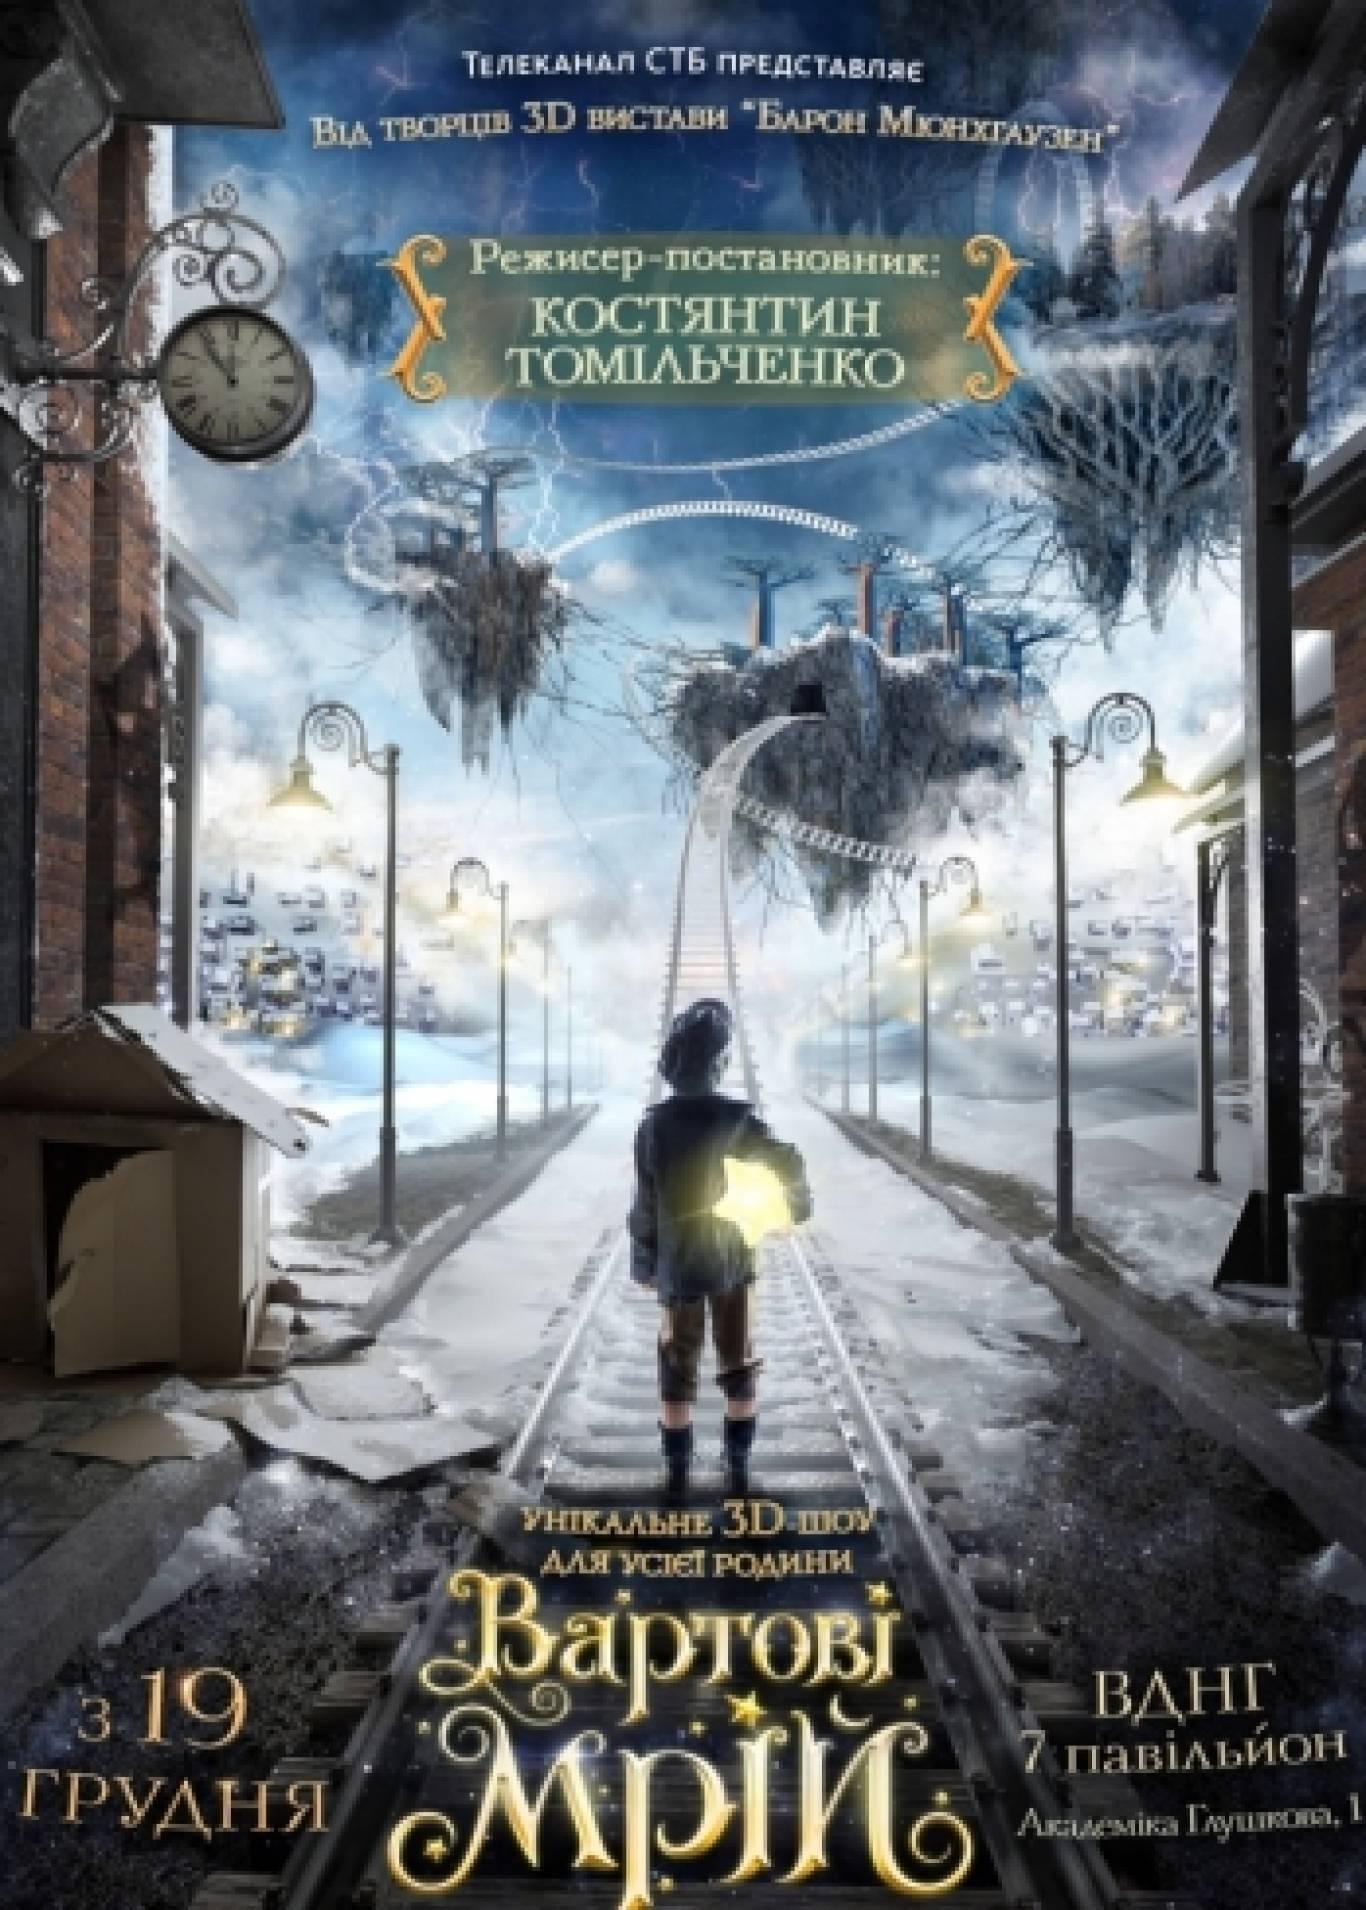 Подорож до новорічного Музею Казок, «Рiздвяна казка», «Вартові Мрій» – Новорічне 3D шоу